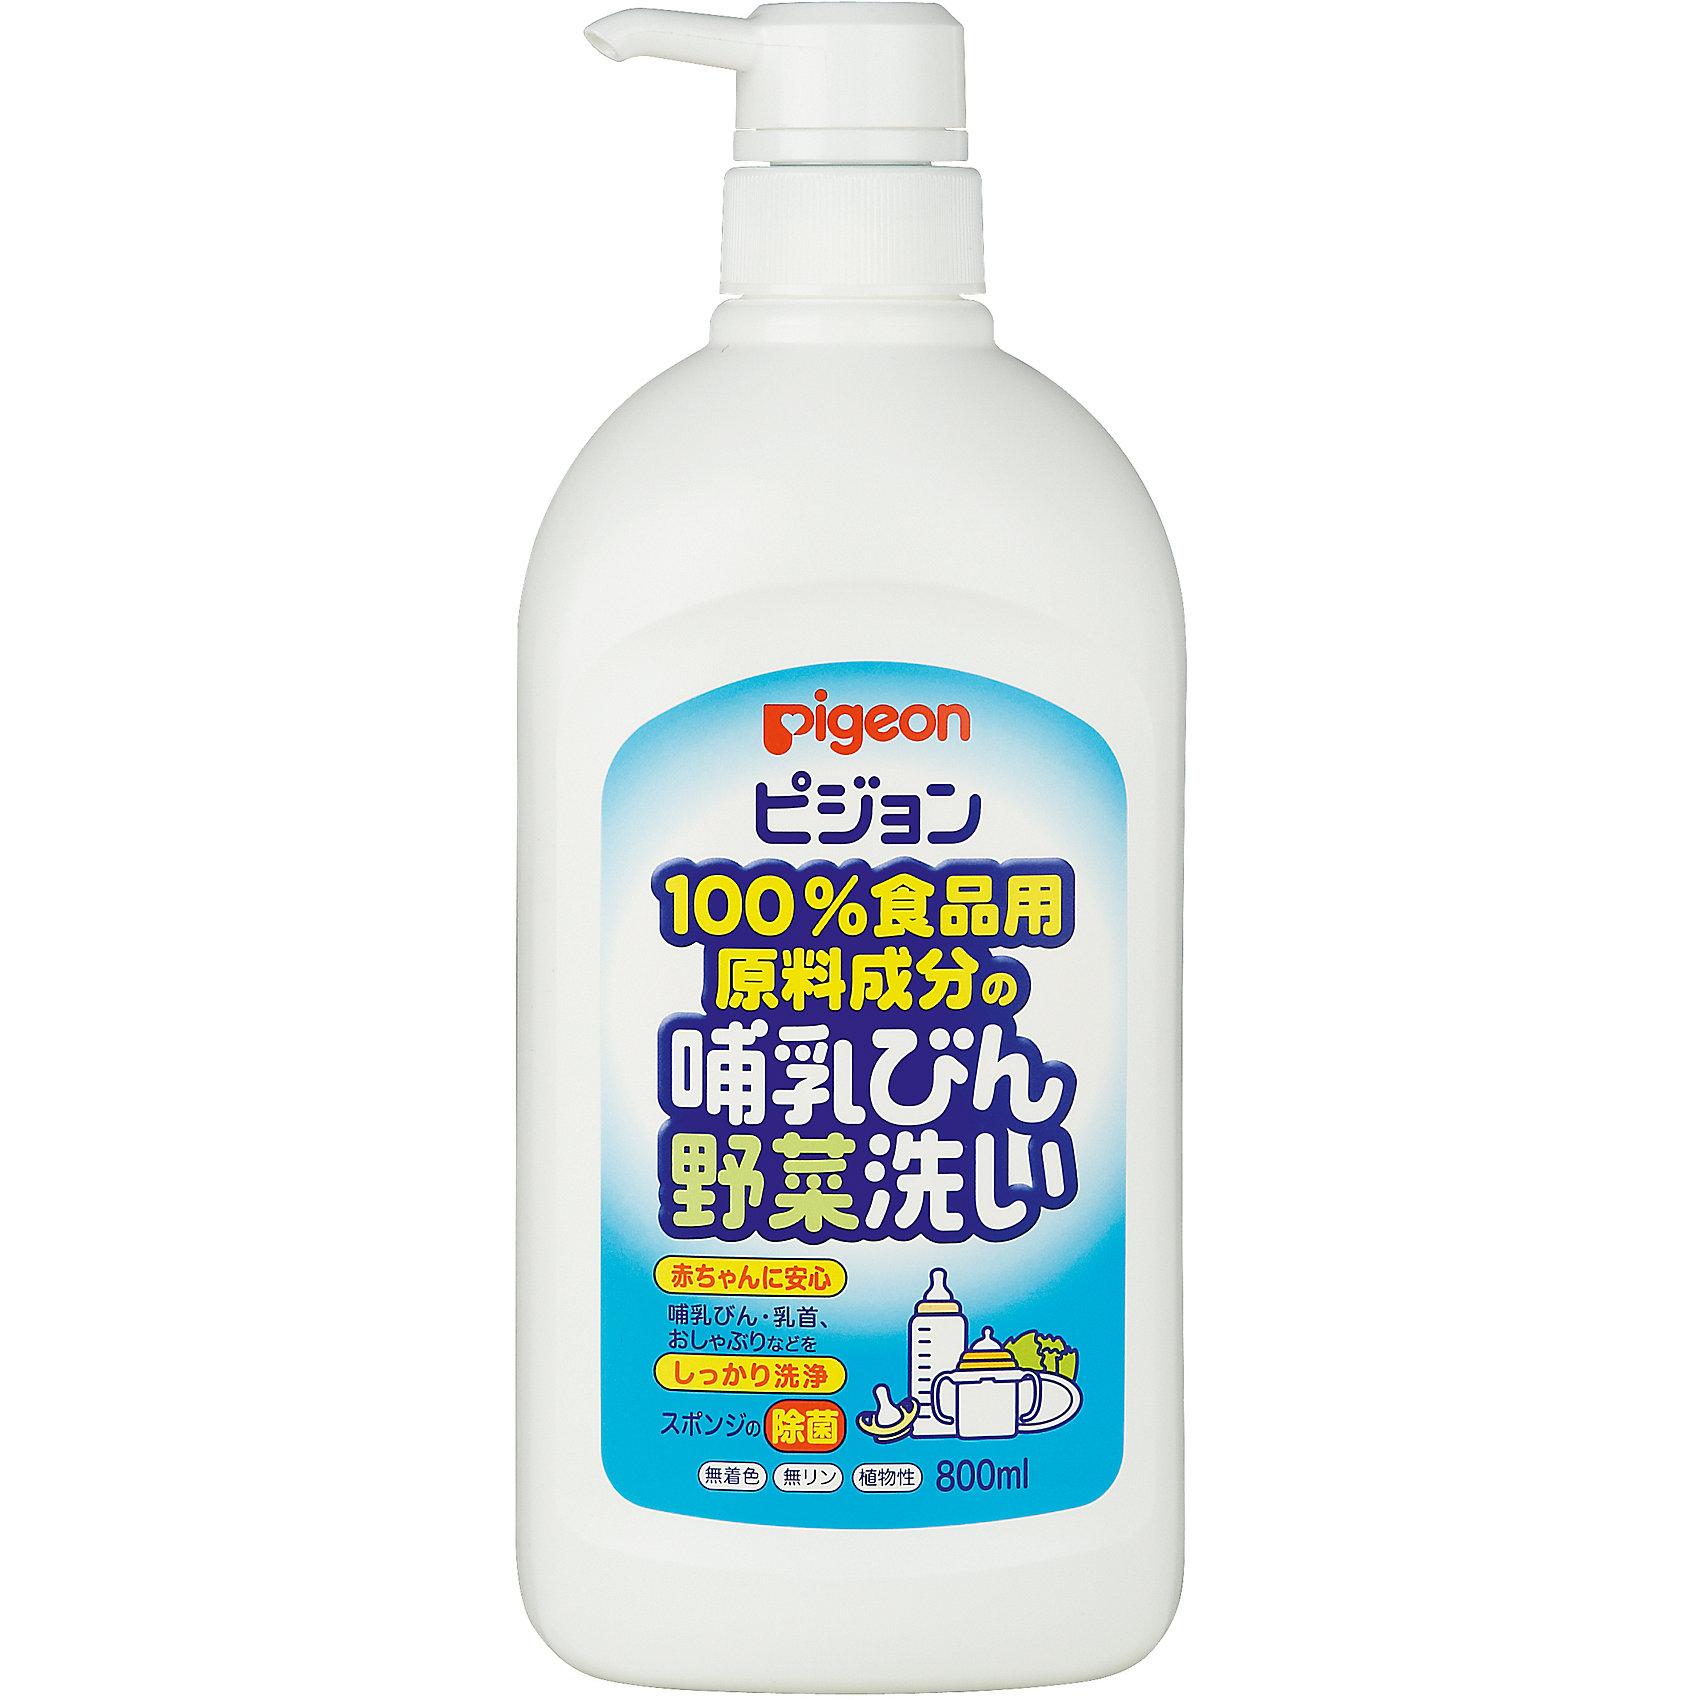 Средство для мытья бутылочек и овощей 800 мл, PigeonСредство для мытья бутылочек и овощей Pigeon/ Пиджен 800мл предназначен для мытья детской посуды, молочных бутылочек, сосок, прорезывателей, игрушек, а также для фруктов и овощей. Применяется для дезинфекции губок, которыми моется детская посуда, а также игрушки, овощи и фрукты. Средство для мытья бутылочек и овощей Пиджен безопасно для ребенка с первых дней жизни, в состав средства не входят красители и фосфаты. Бережно воздействует на кожу рук. Отлично пенится и легко смывается. Эксклюзивная формула, по которой изготавливают средство для мытья бутылочек и овощей Pigeon обеспечивает антибактериальный эффект и полностью удаляет остатки молочных продуктов.<br><br>Ширина мм: 70<br>Глубина мм: 94<br>Высота мм: 230<br>Вес г: 850<br>Возраст от месяцев: 0<br>Возраст до месяцев: 36<br>Пол: Унисекс<br>Возраст: Детский<br>SKU: 4124499